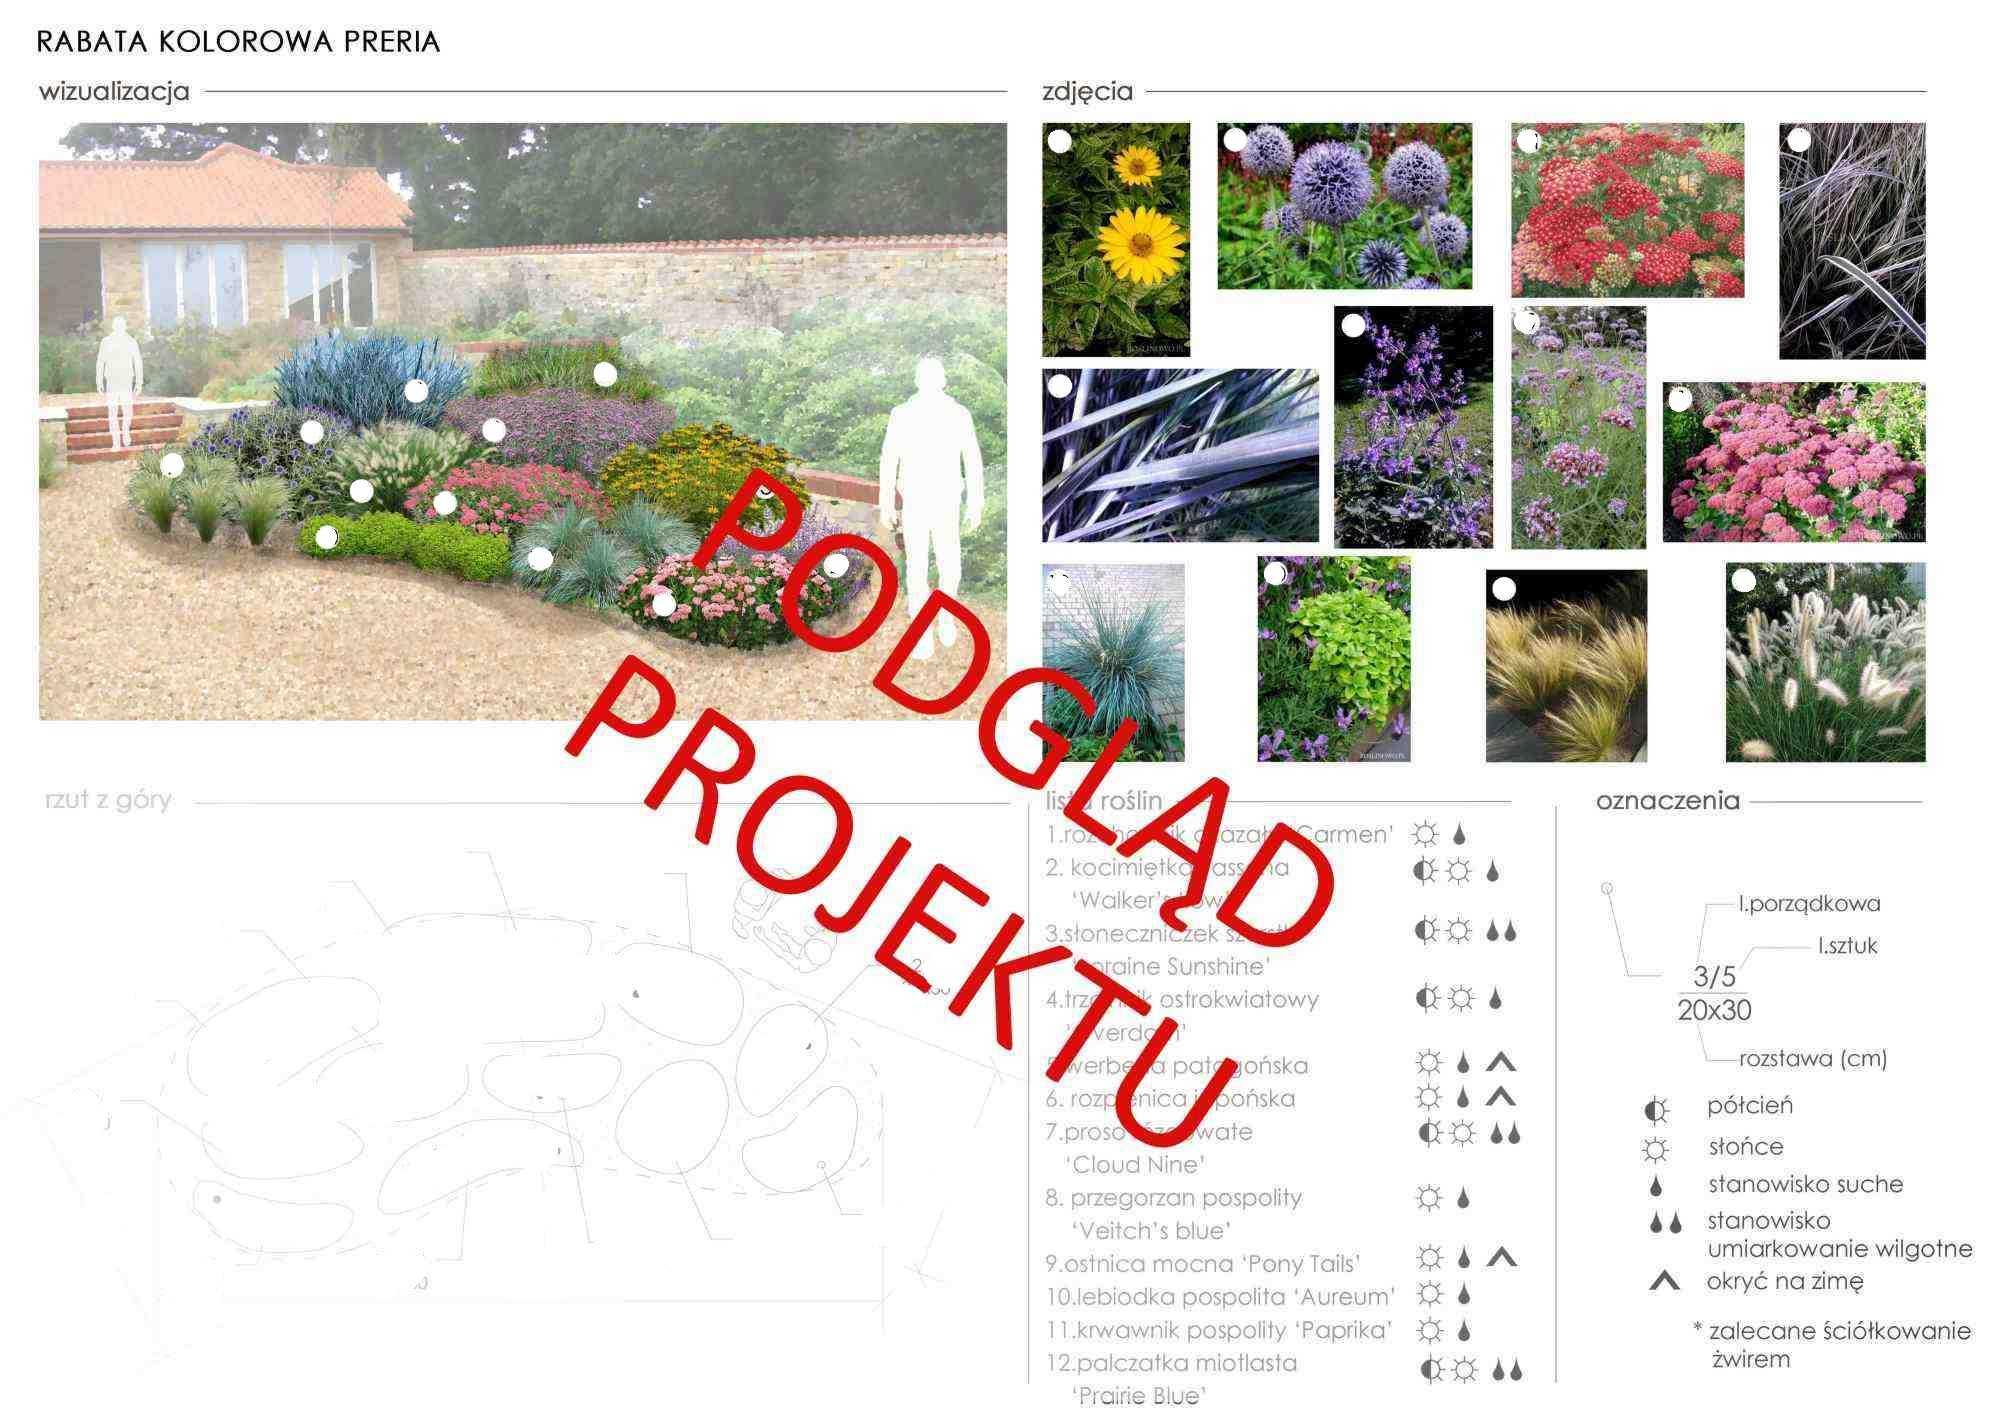 projekt nasadzeń roślin rabaty kolorowa preria